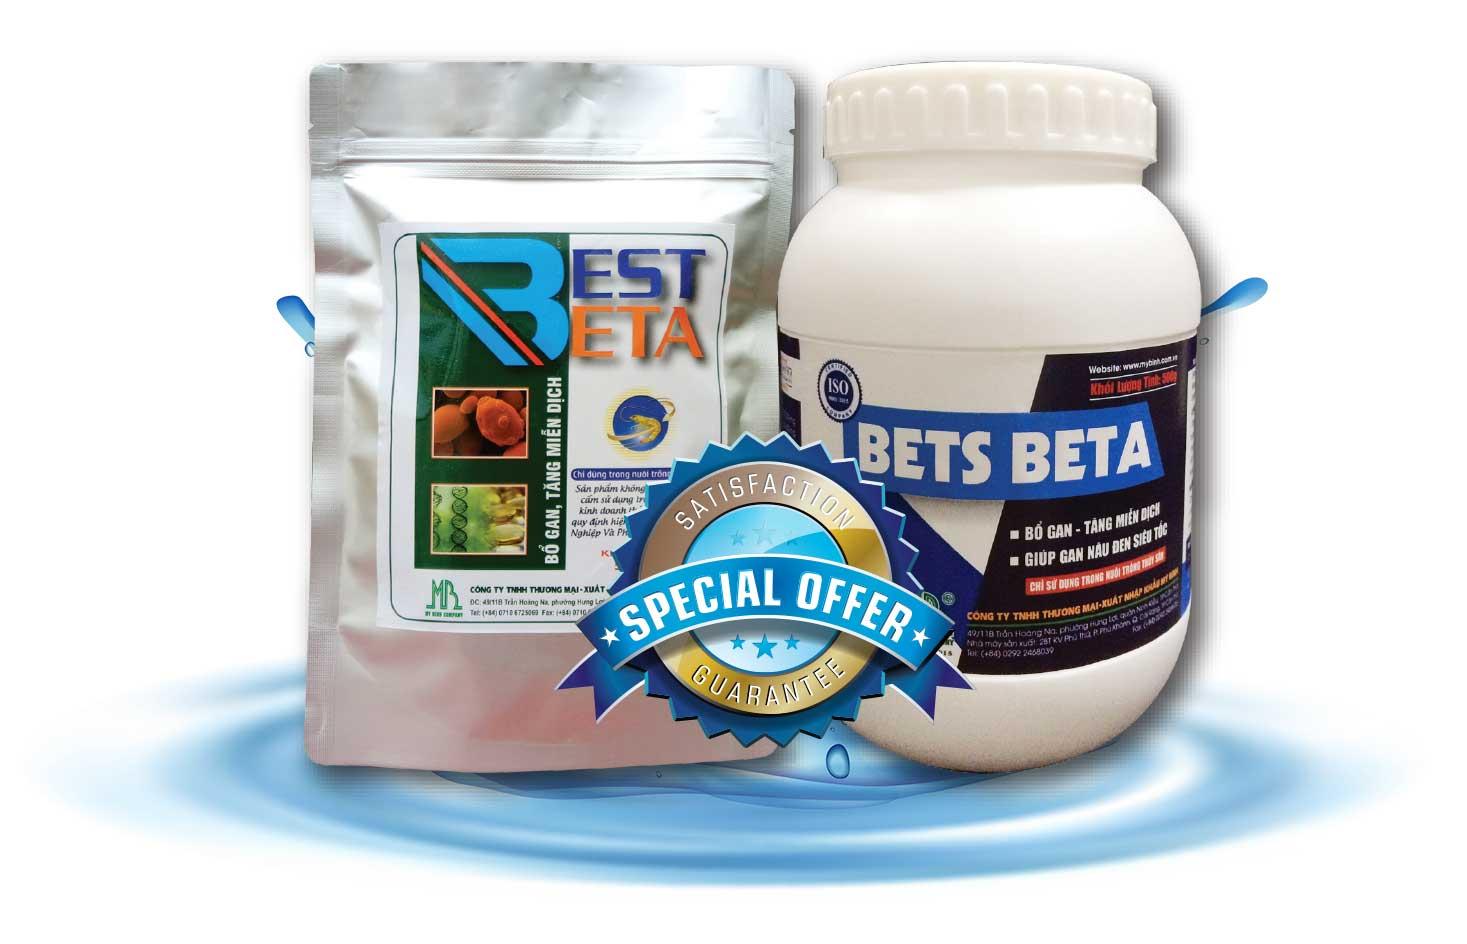 BETS BETA _ Thuốc phòng bệnh gan, phục hồi tế bào gan cho tôm